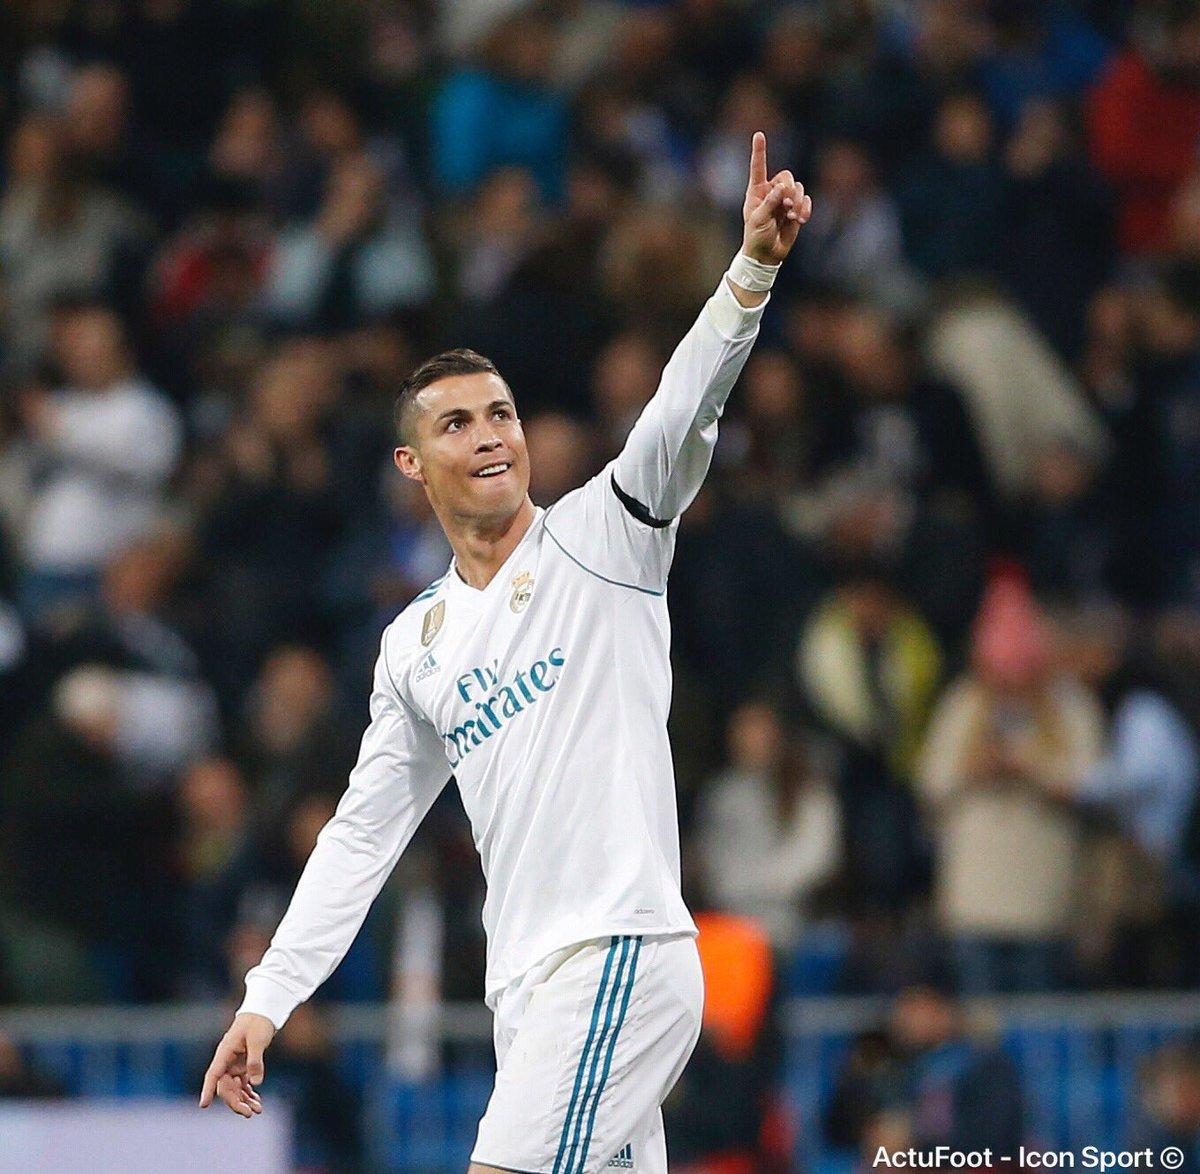 Cristiano Ronaldo depuis son arrivée au Real Madrid :  👕 422 matchs ⚽ 430 buts 🥇 Joueur ayant inscrit le plus de triplés en Liga (33)